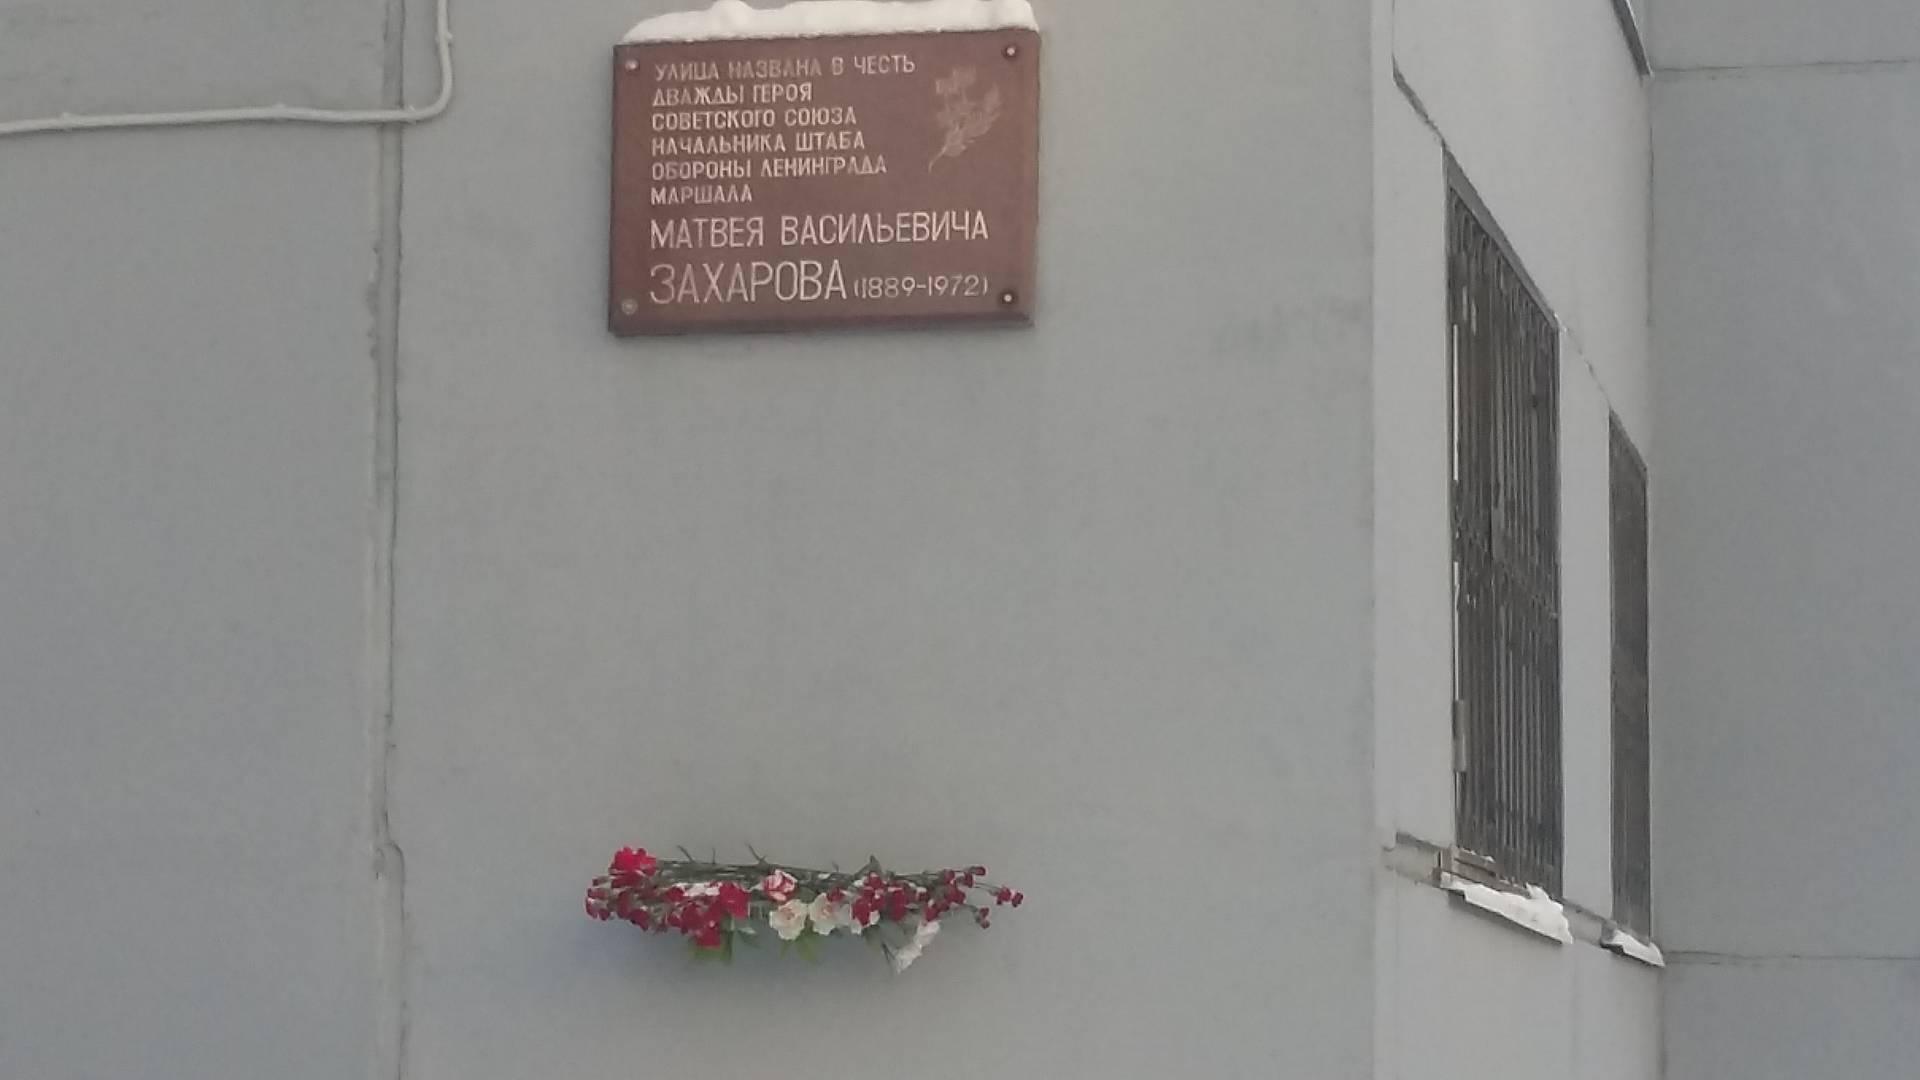 Памятная доска на ул. М.Захарова в Санкт-Петербурге